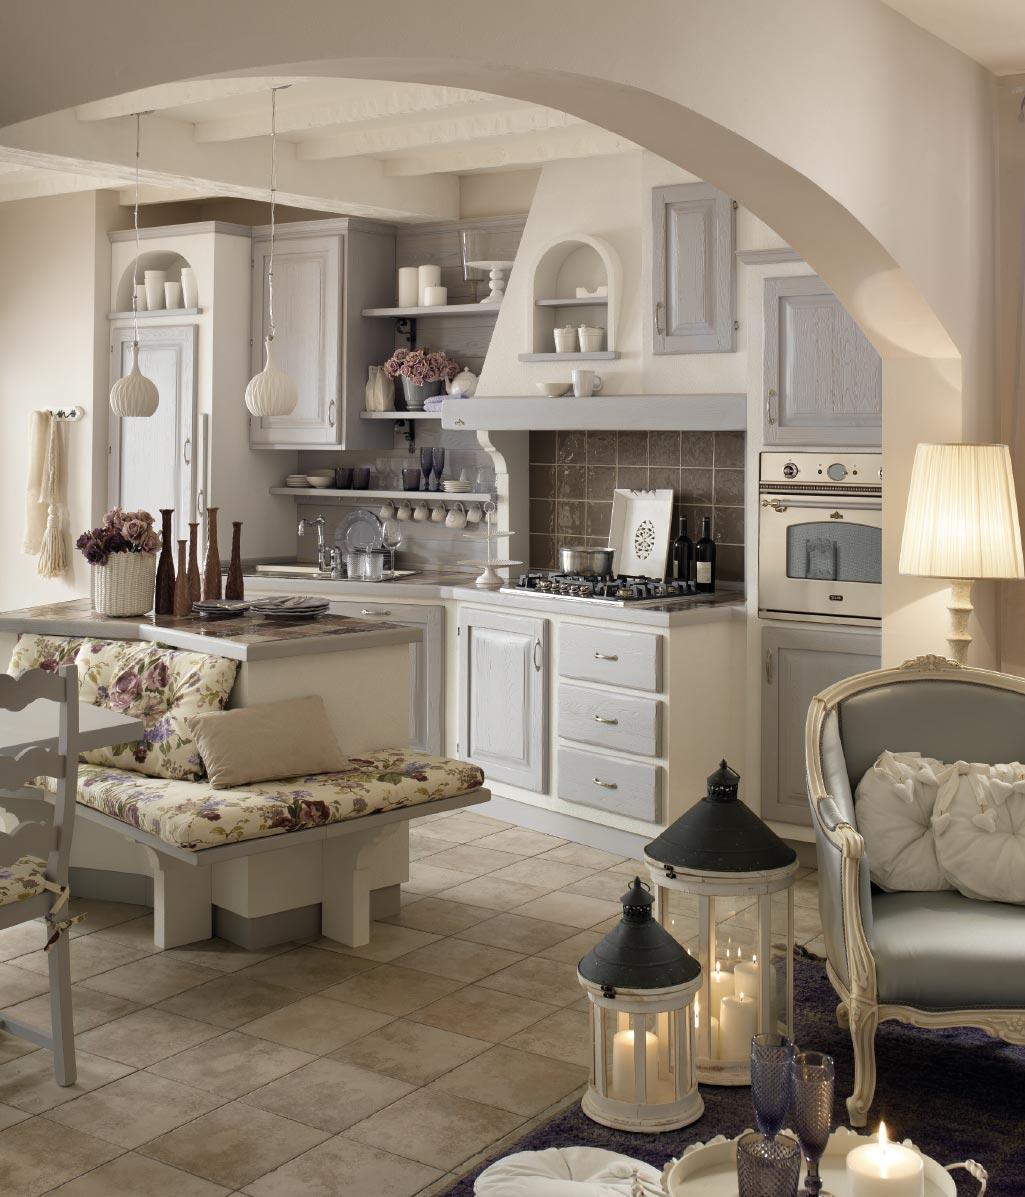 Zappalorto cucine effetto muro - Ikea cucine in muratura ...